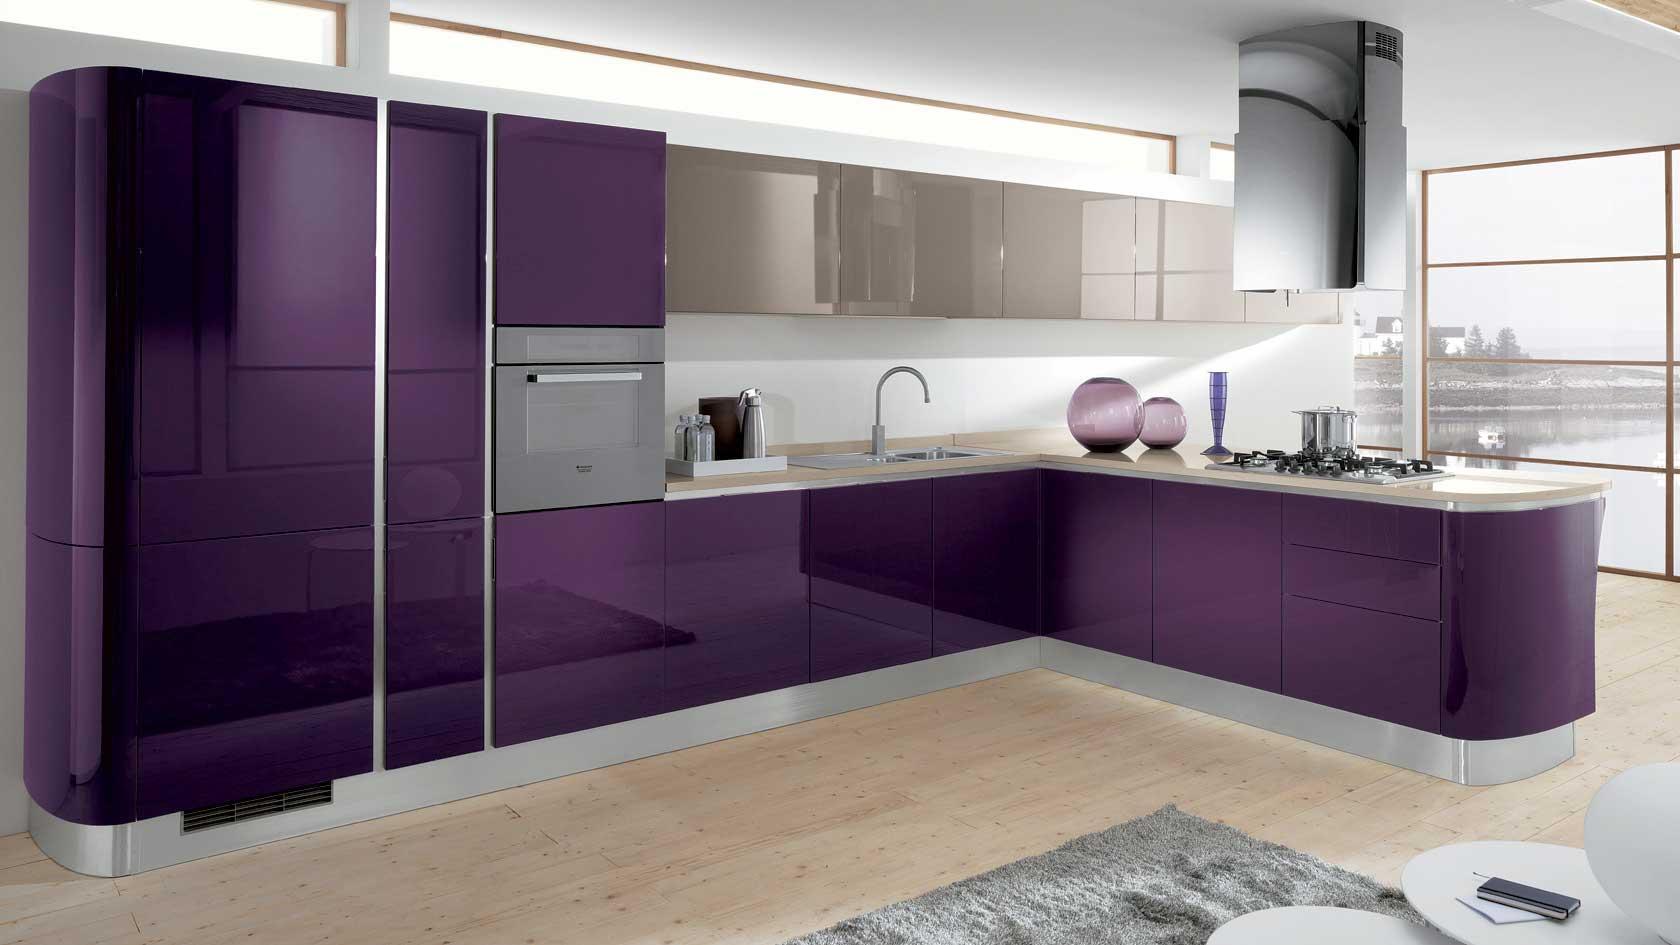 Scavolini  Mood Kitchen by Silvano Barsacchi  Wood